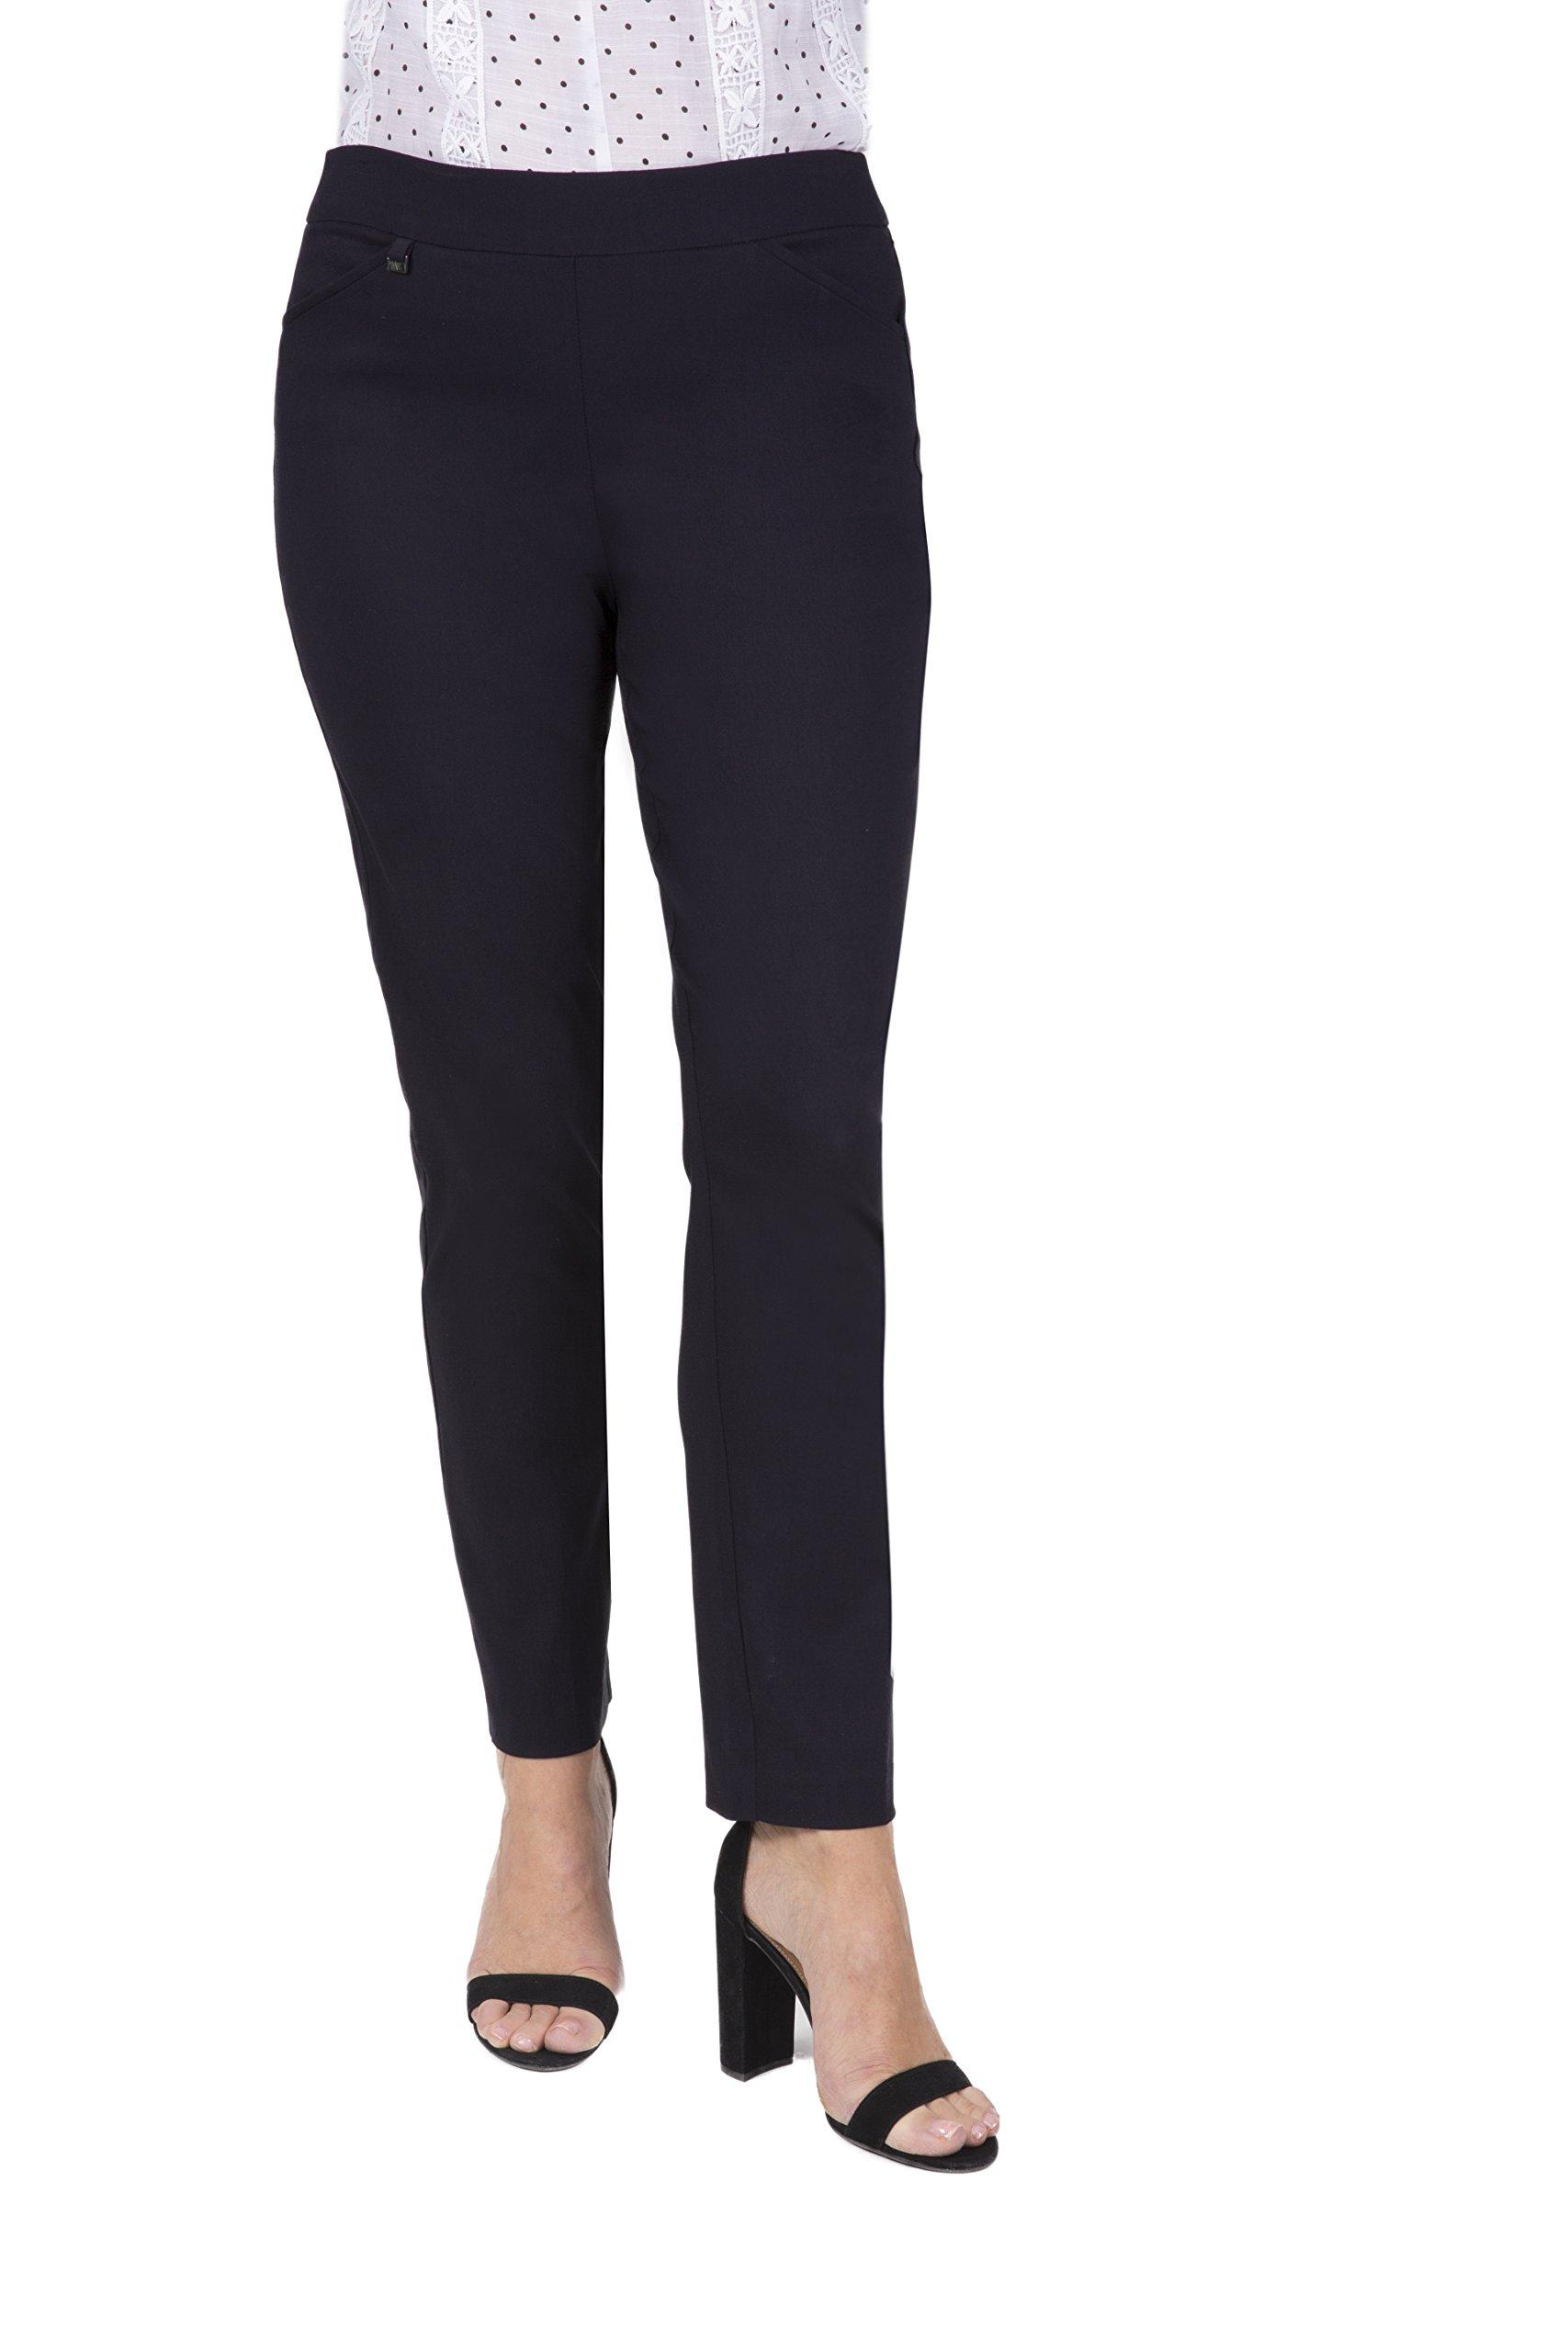 Fundamental Things Women's Tummy Control Slim Leg Pull-on Pant Charm Detail